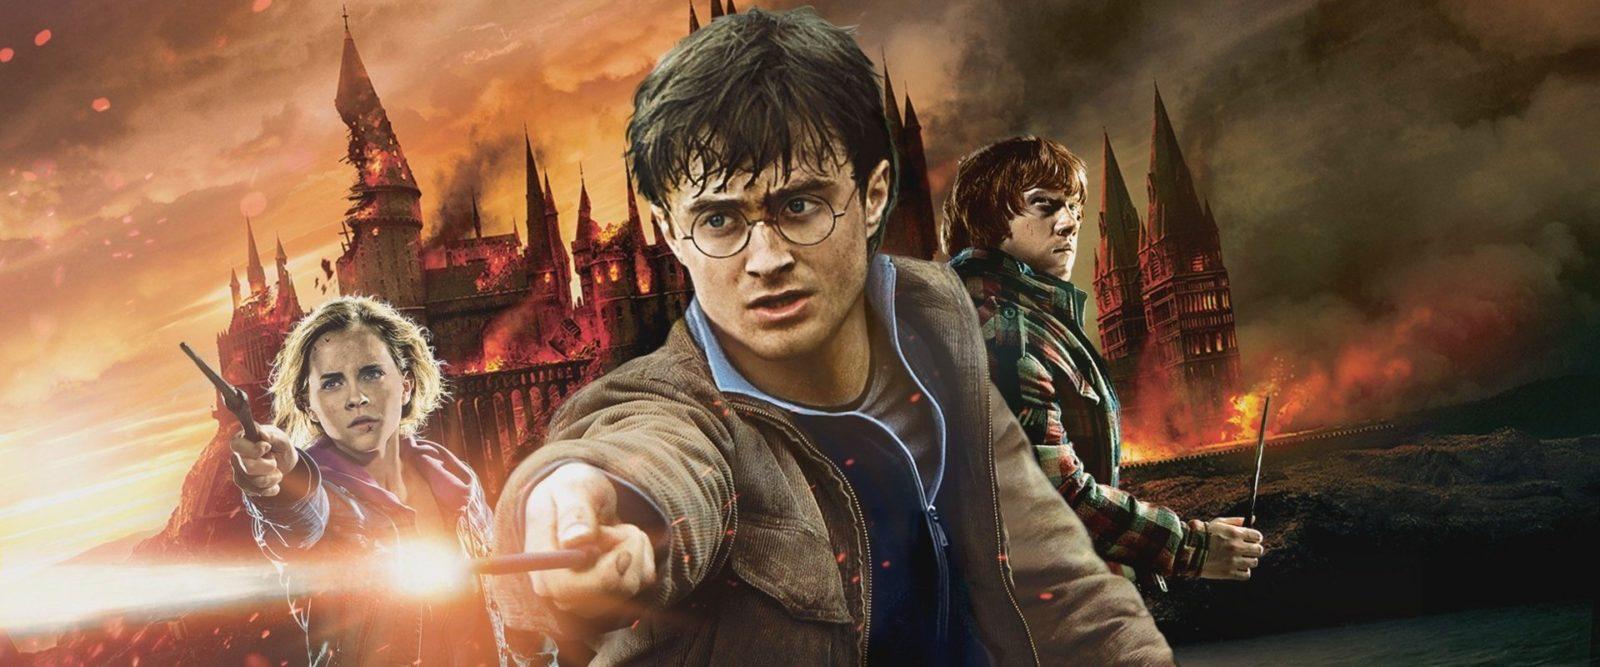 Слух дня: Дэниел Рэдклифф может вернуться к роли Гарри Поттера